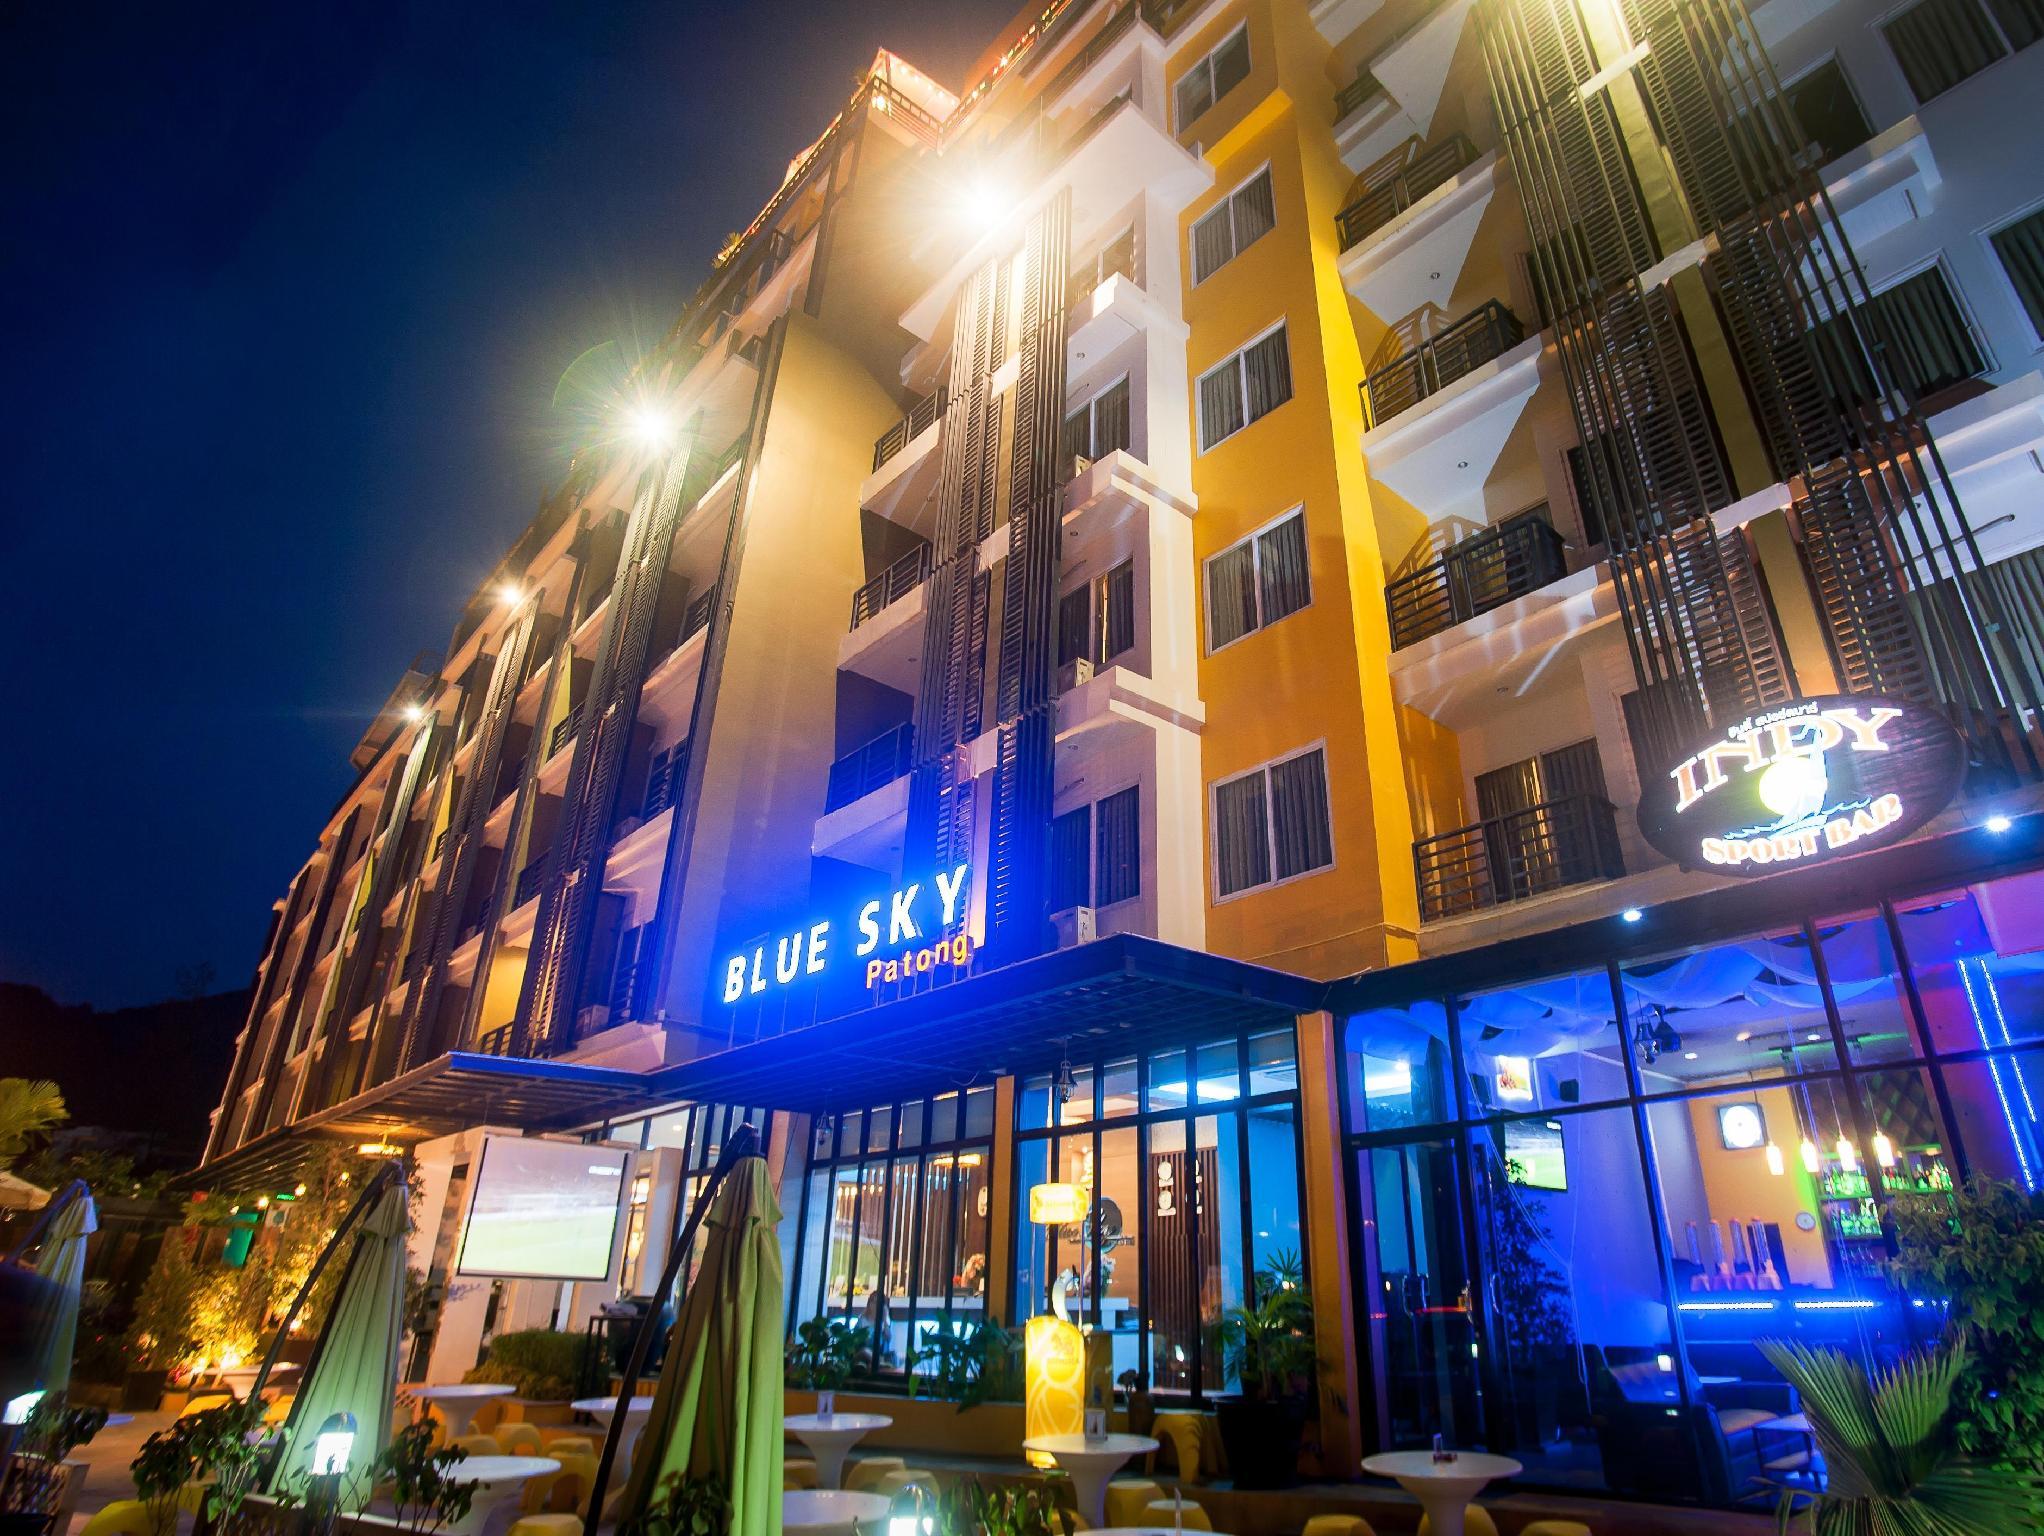 Hotell Blue Sky Patong Hotel i Patong, Phuket. Klicka för att läsa mer och skicka bokningsförfrågan